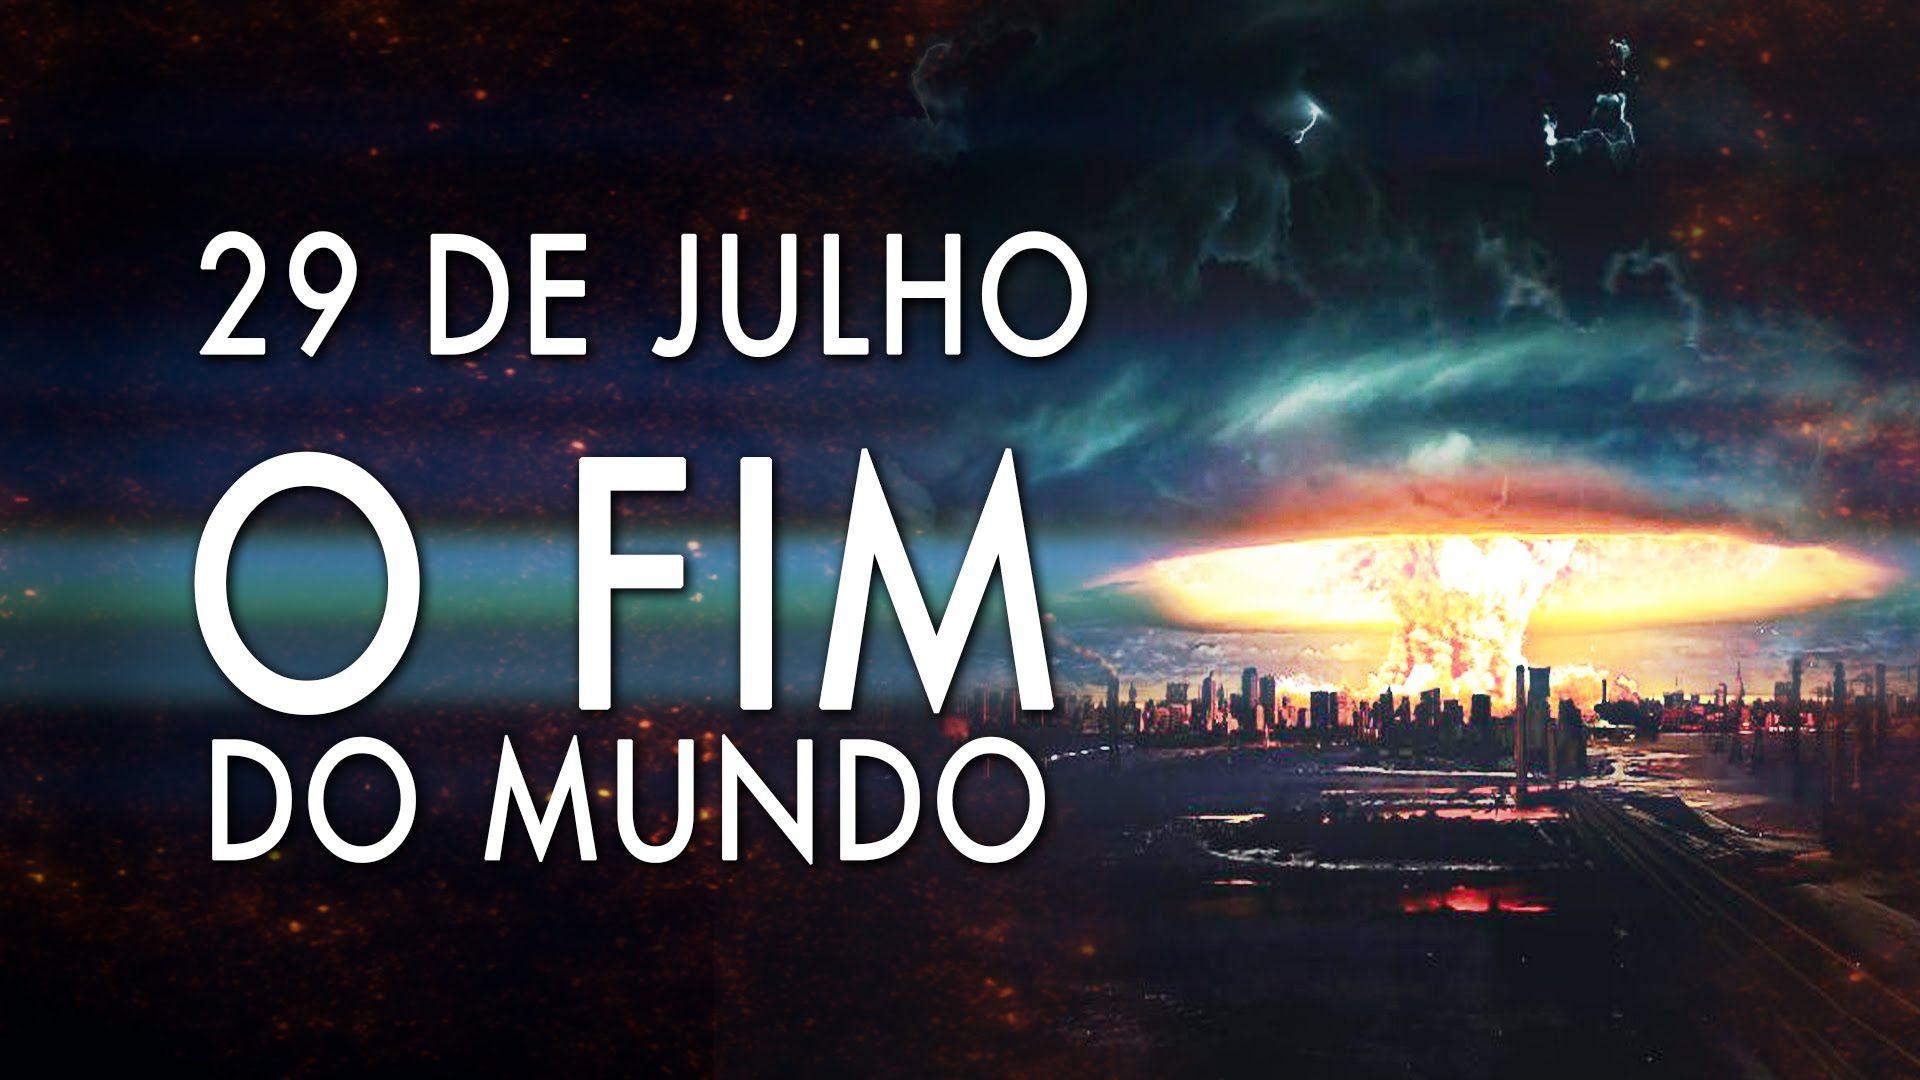 FIM DO MUNDO EM 29 DE JULHO - CIÊNCIA, RELIGIÃO E O JUÍZO FINAL